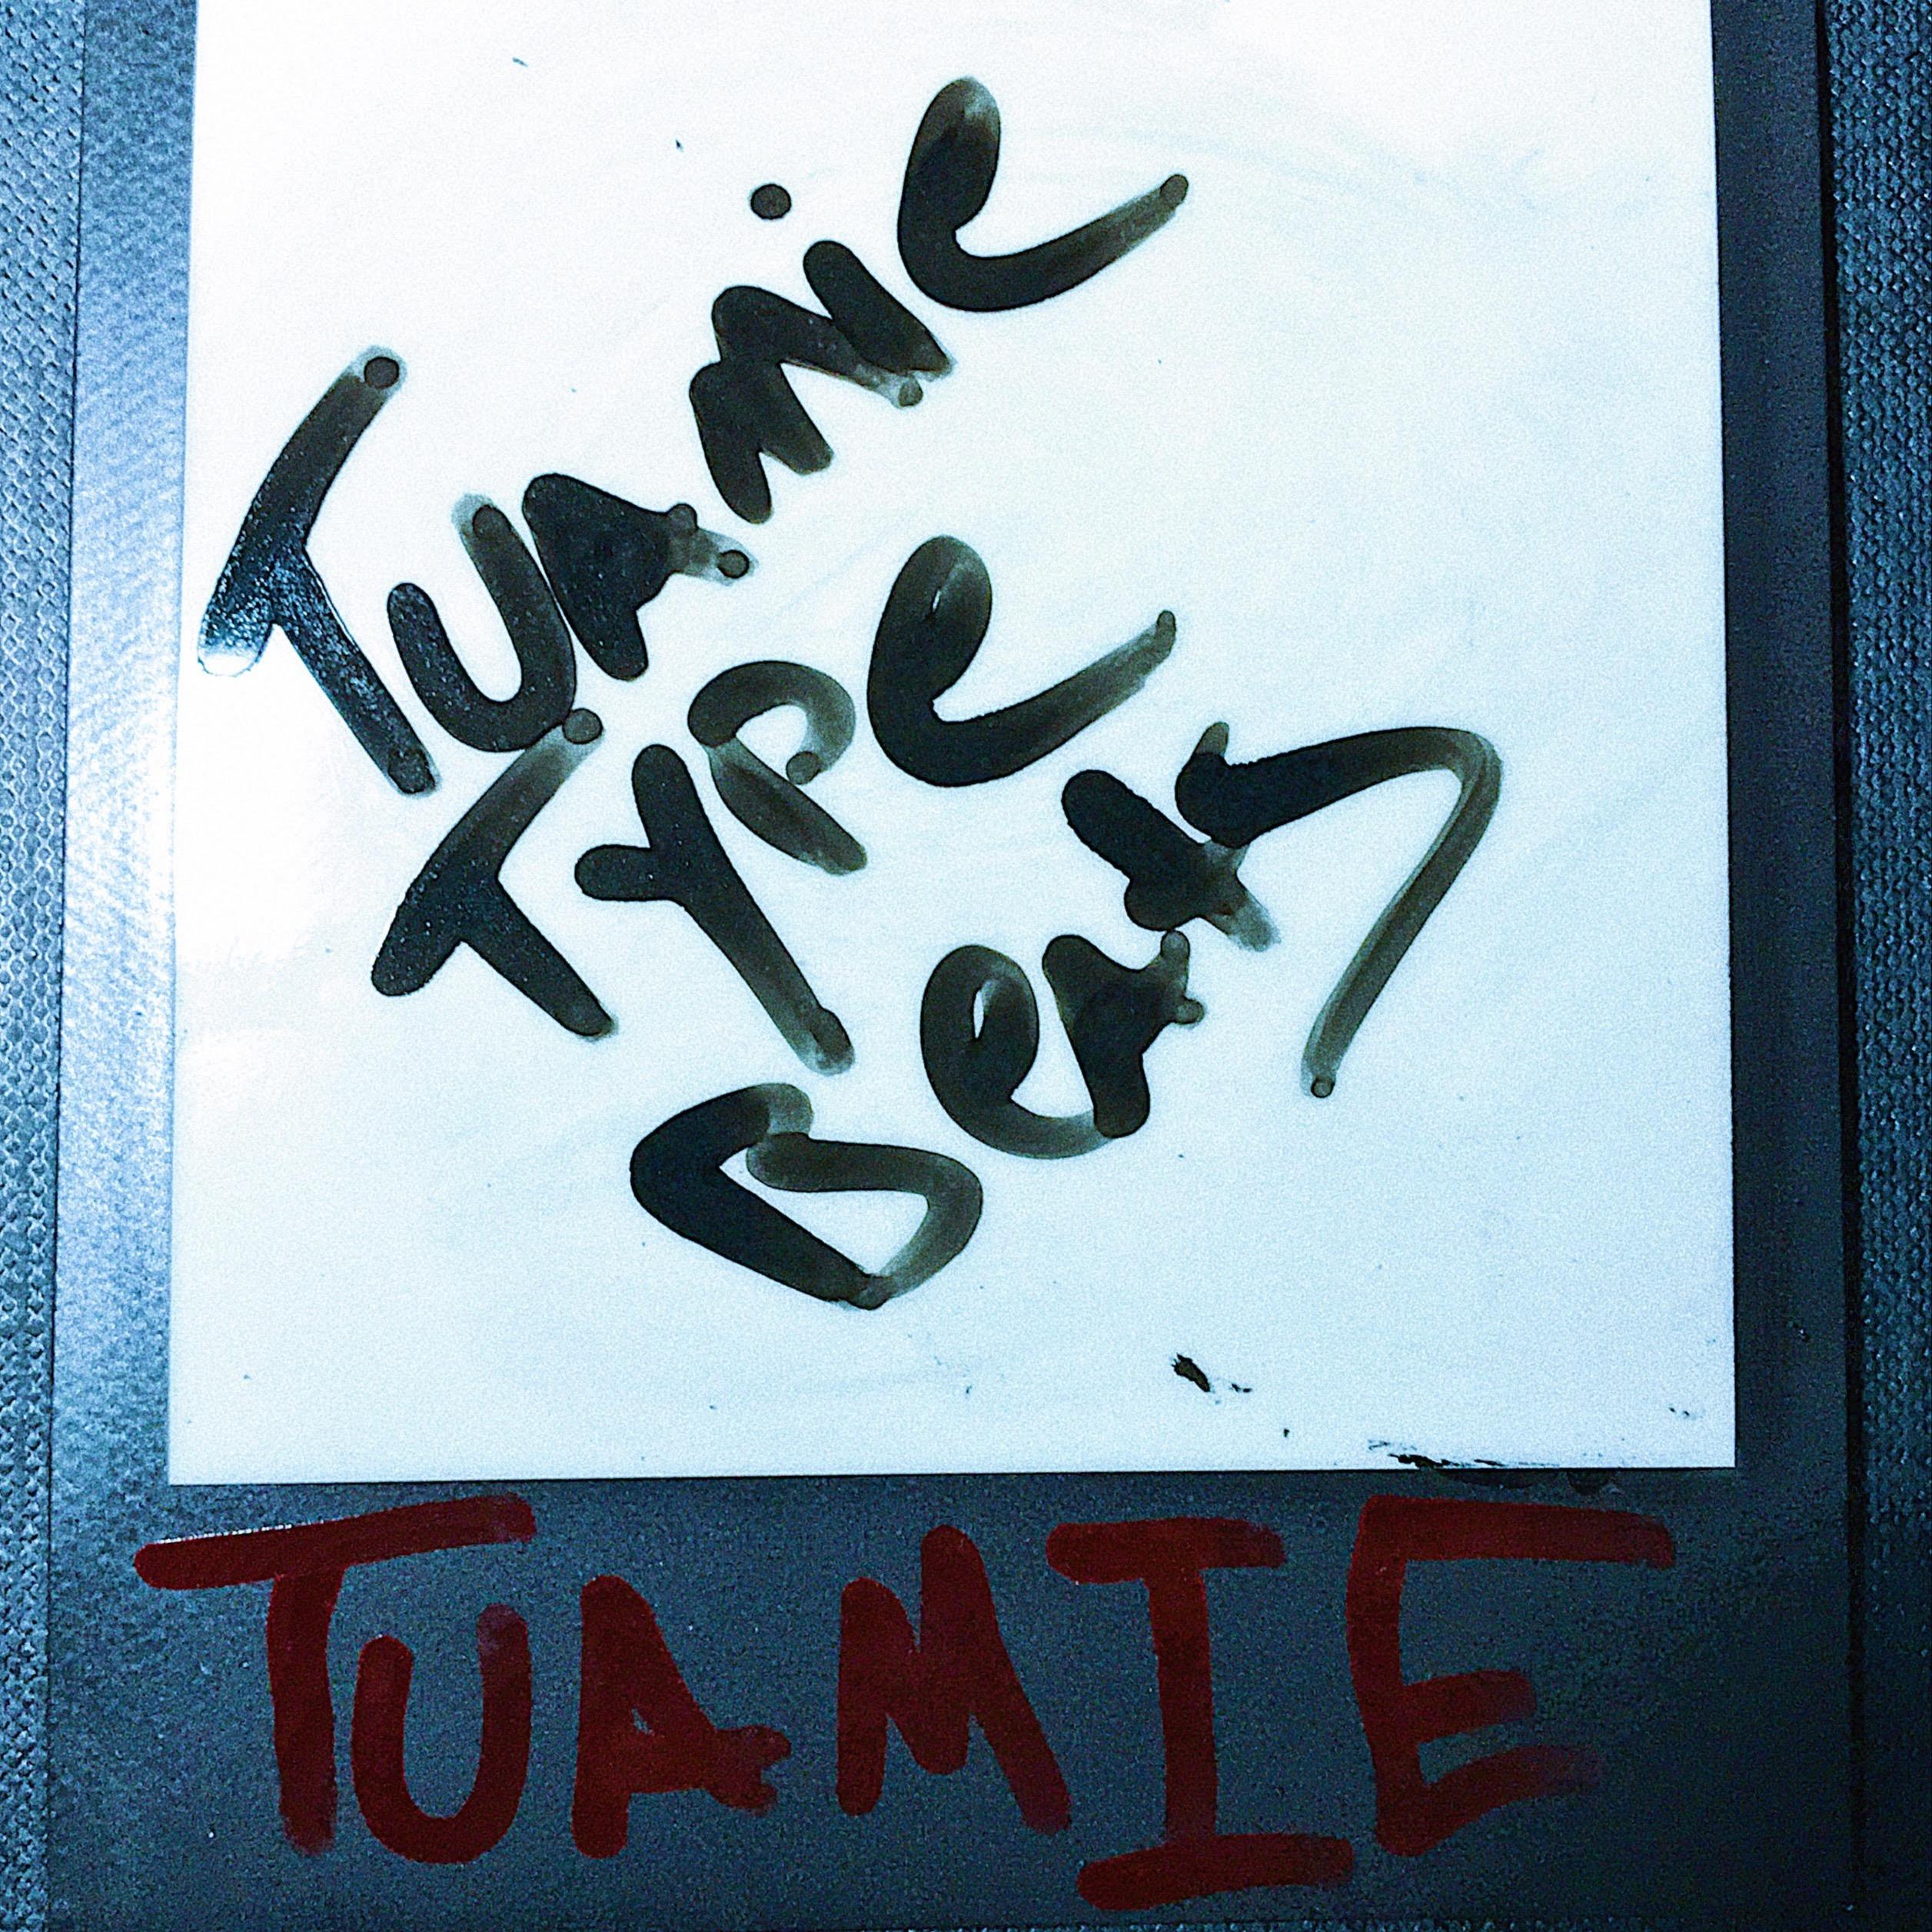 TUAMIE TYPE BEATS